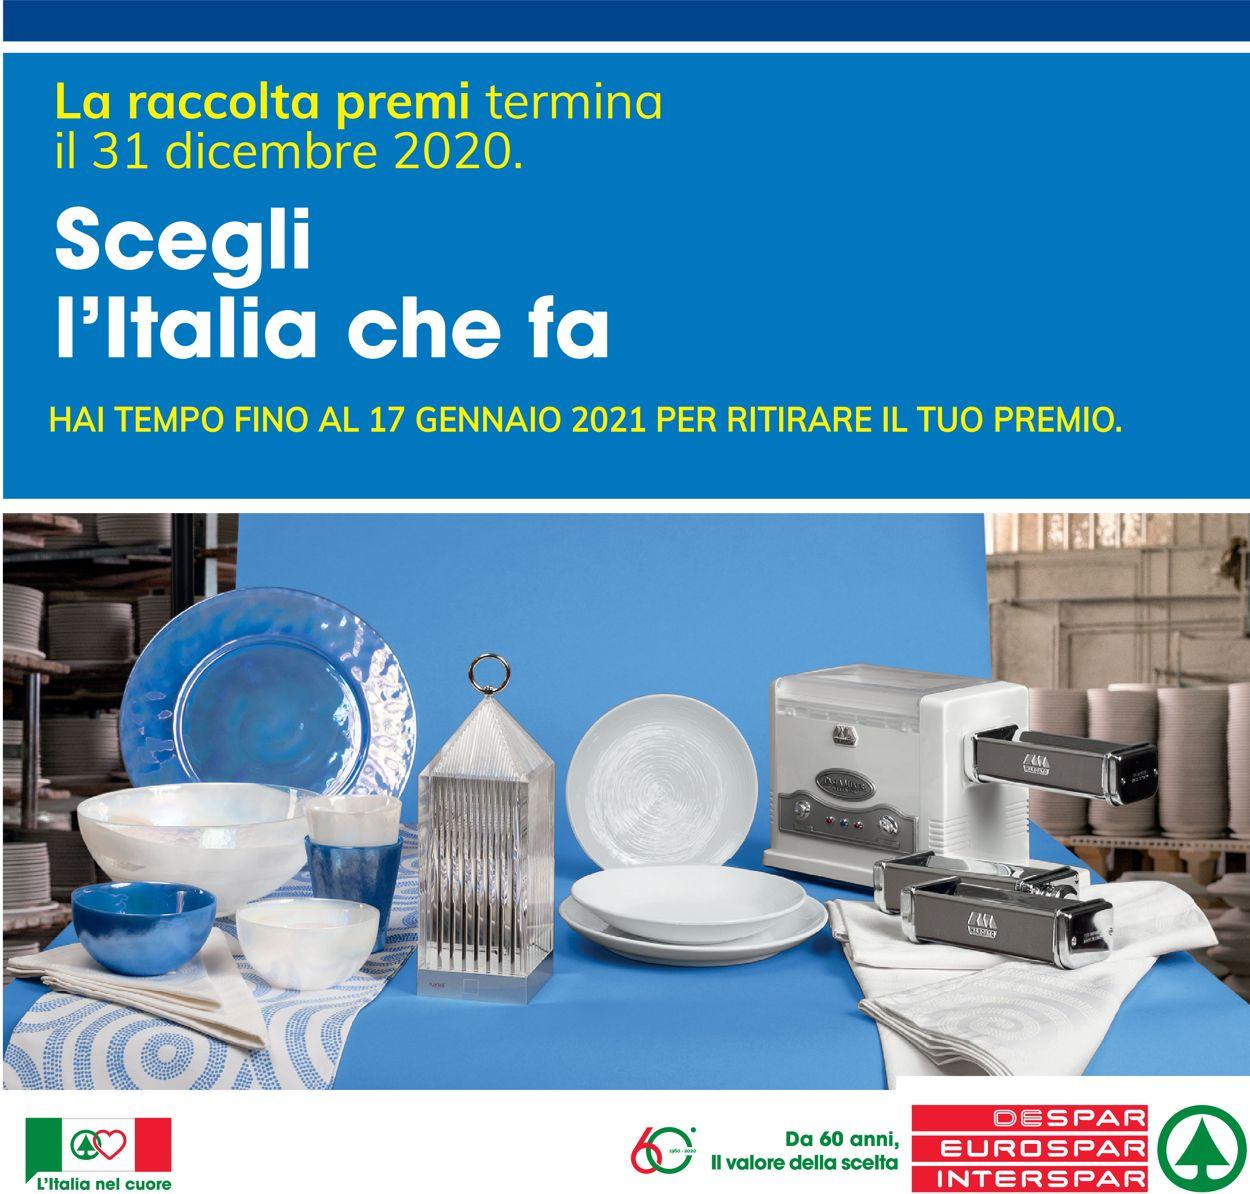 Volantino Interspar - Natale 2020 - Offerte 17/12-31/12/2020